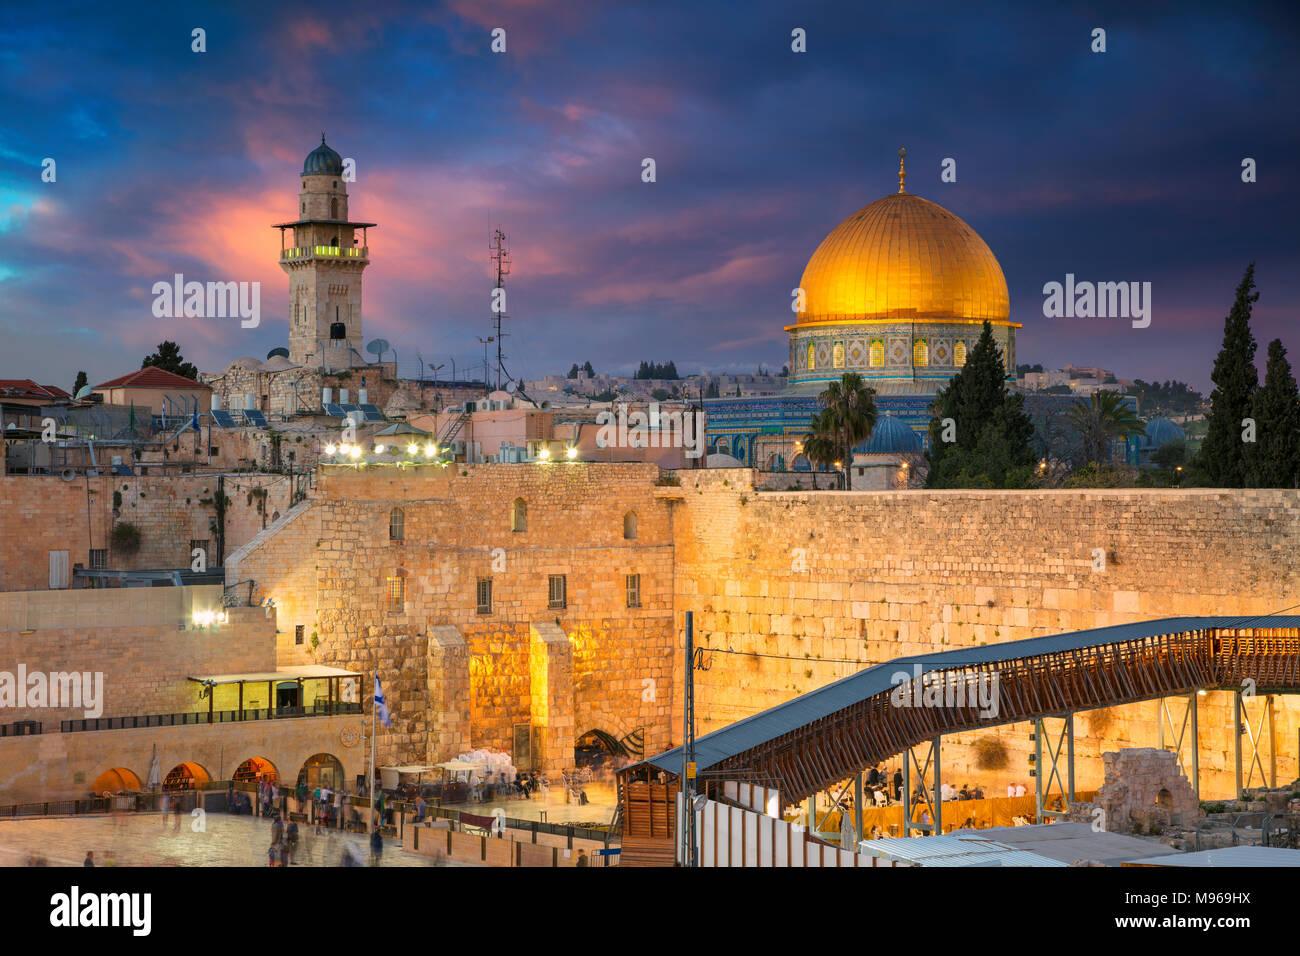 Jérusalem. Cityscape image de Jérusalem, Israël avec le dôme du Rocher et mur ouest au coucher du soleil. Banque D'Images